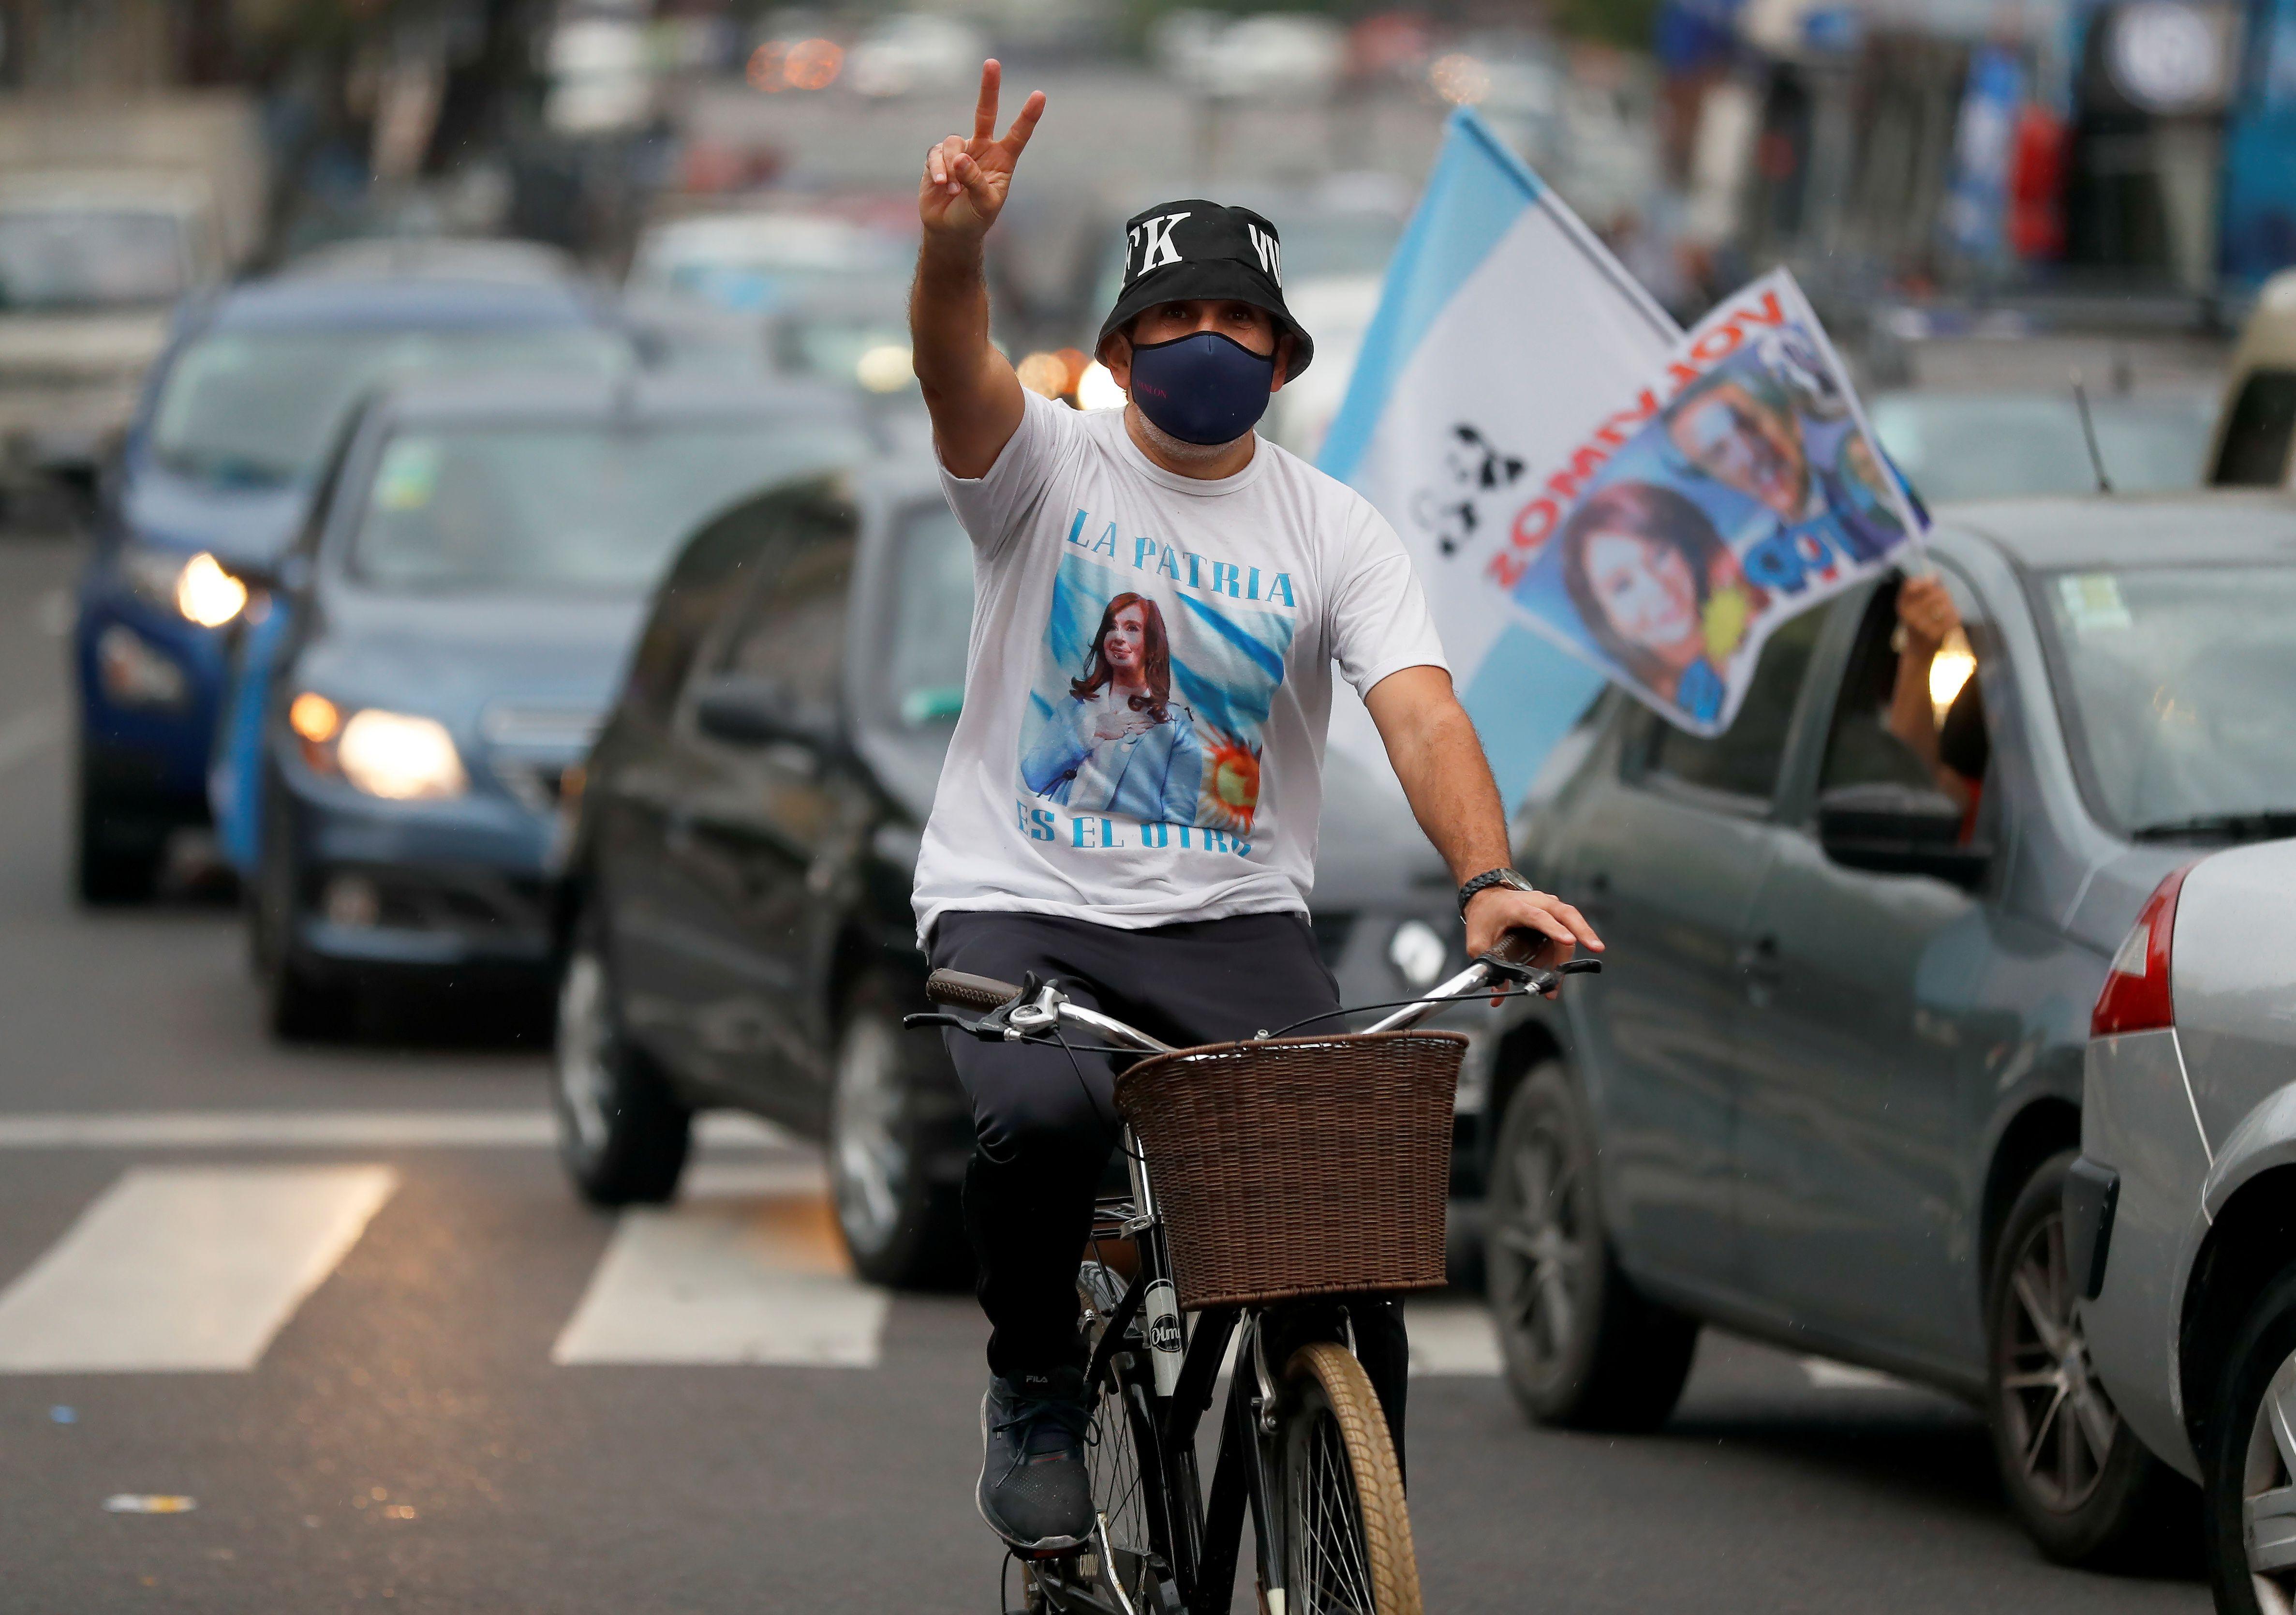 Uno de los participantes de la caravana (Foto: Reuters)